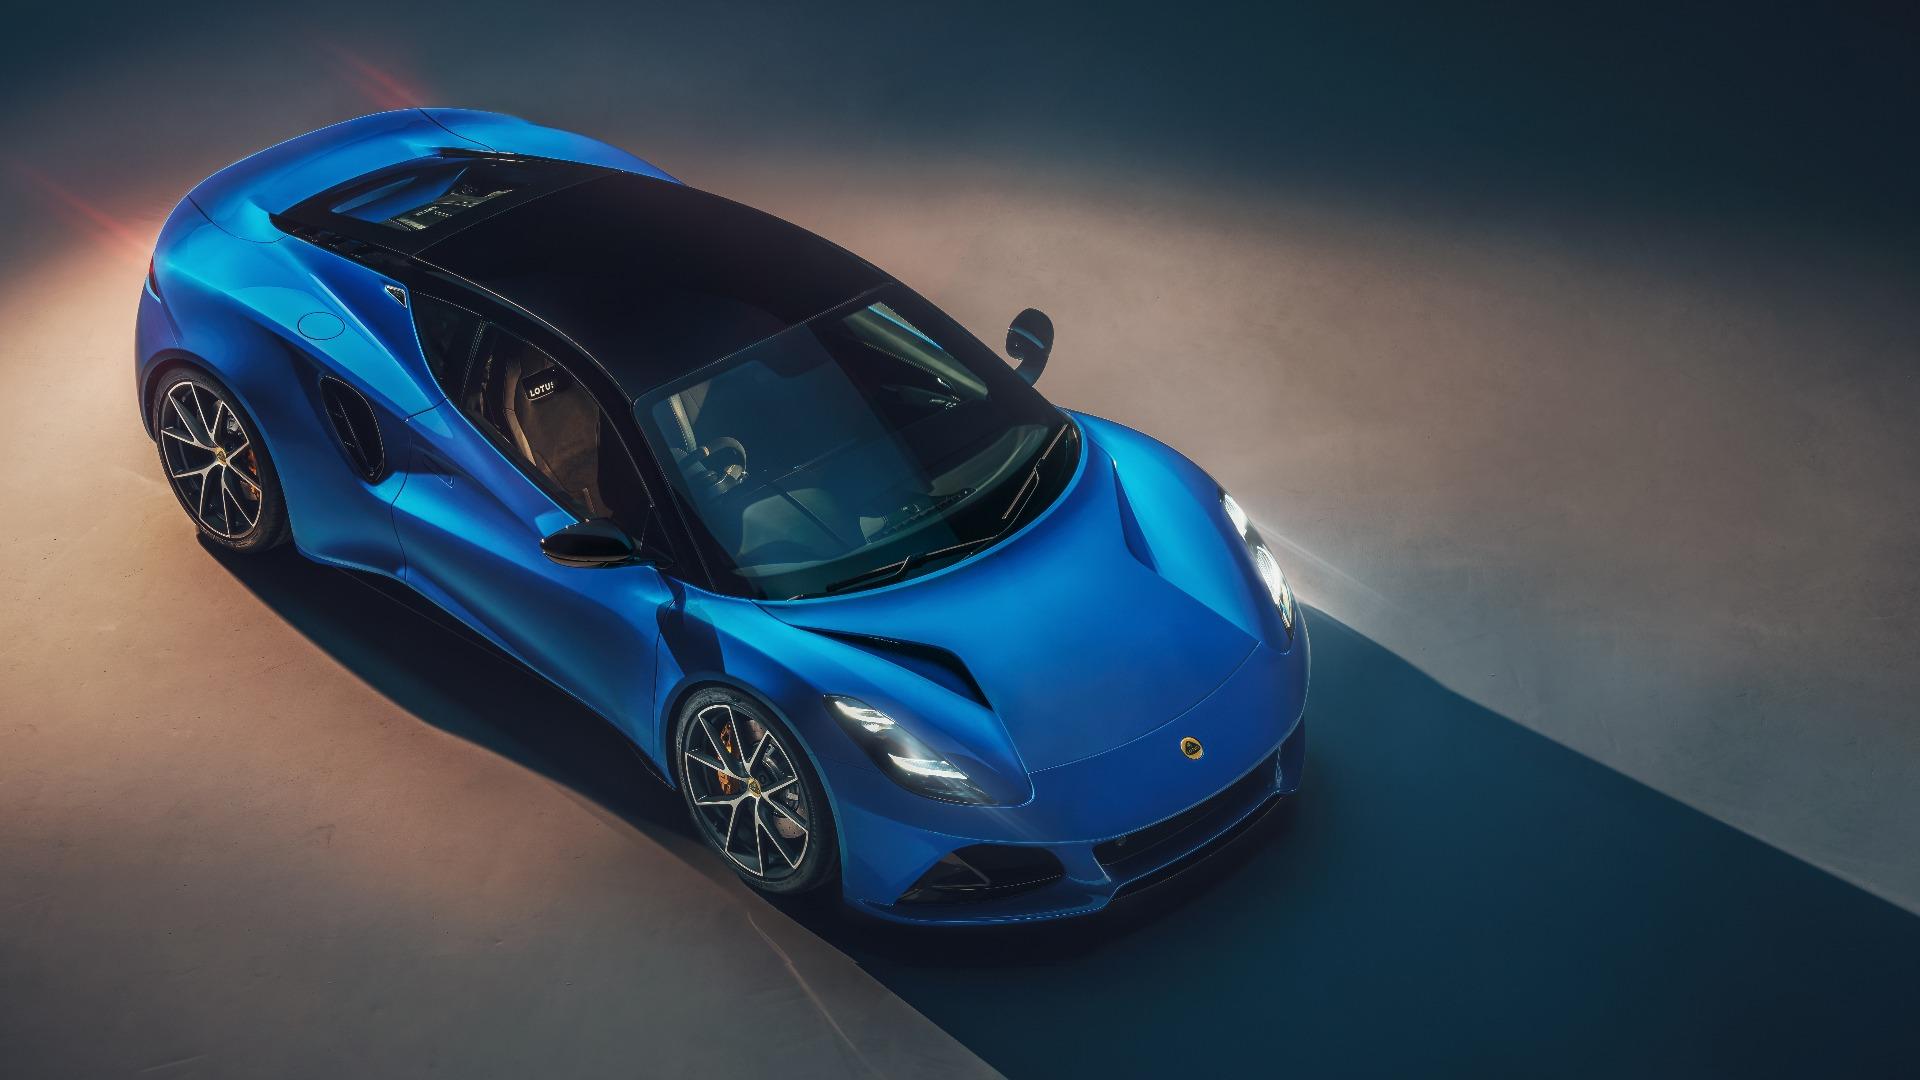 Lotus' nye modell blir den siste med forbrenningsmotor